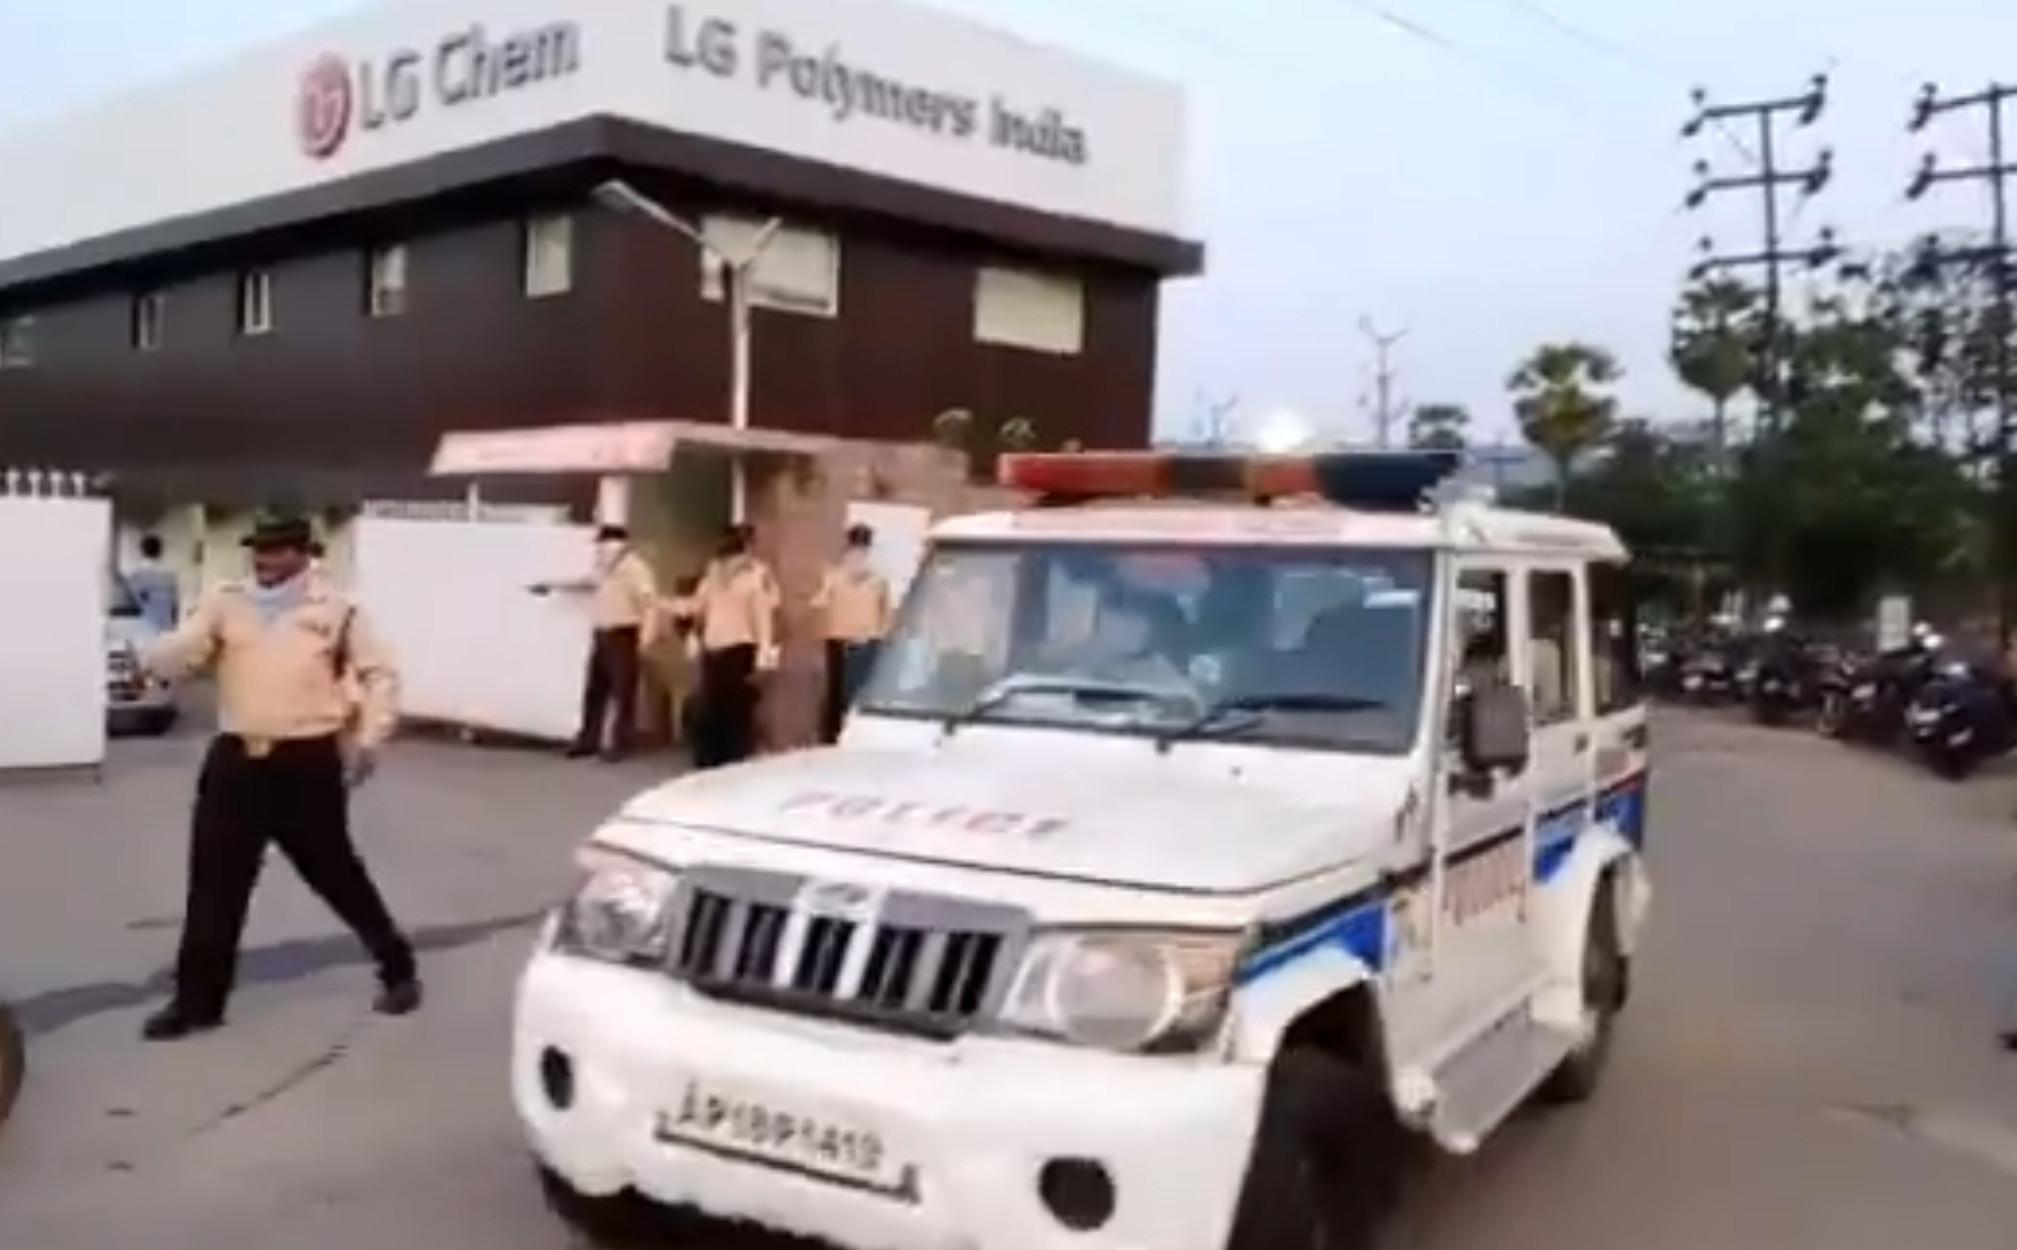 Ινδία: Διαρροή αερίου σε εργοστάσιο της LG! 9 νεκροί και 1000 τραυματίες (video)